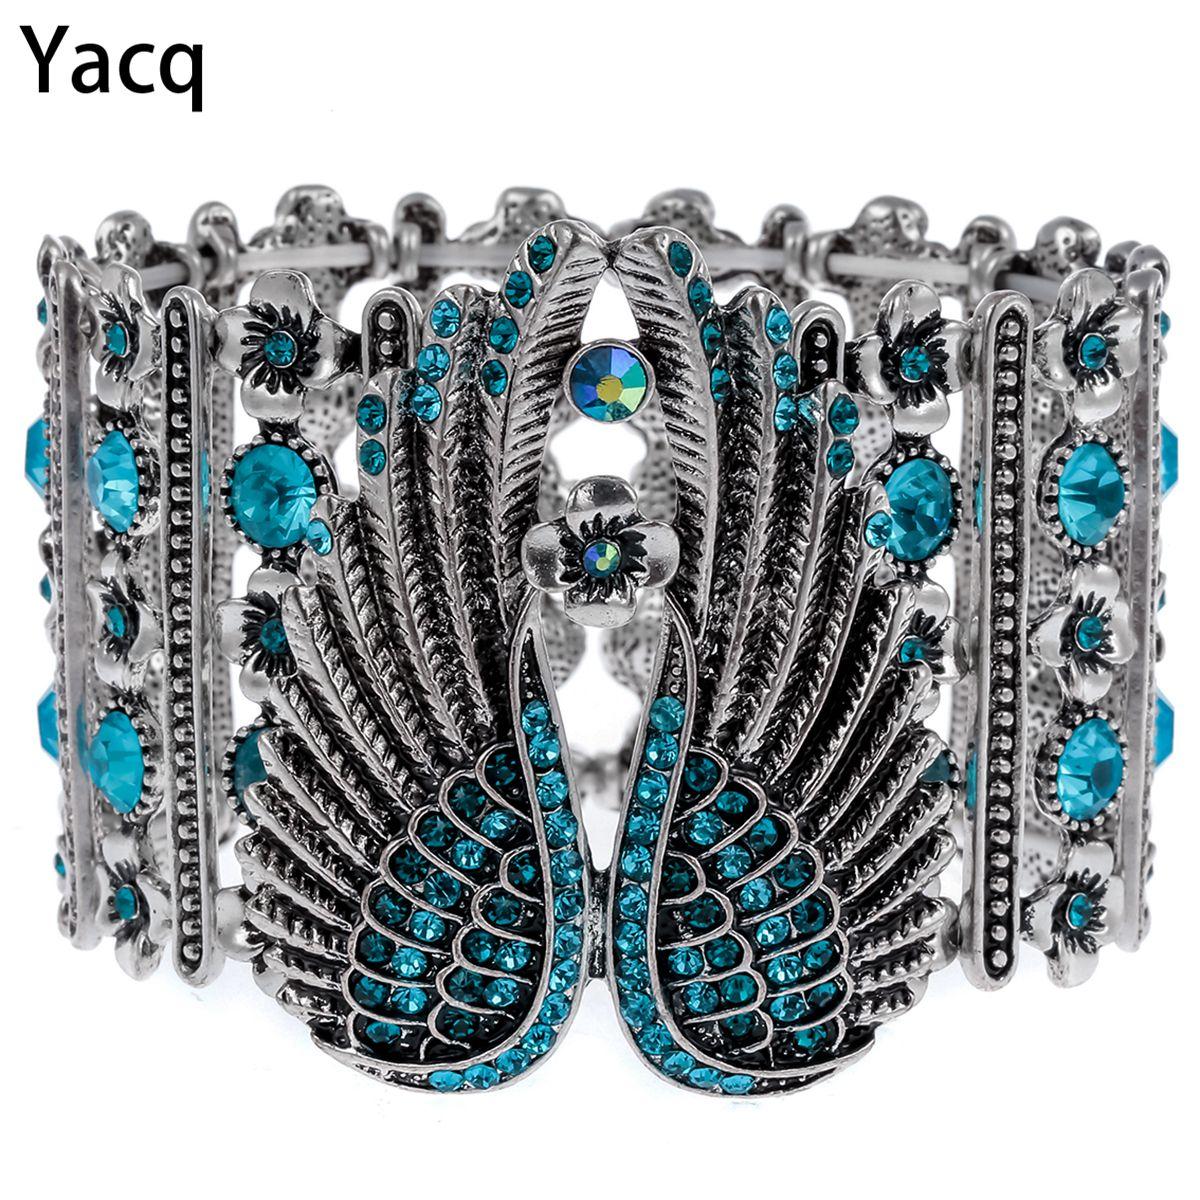 YACQ gardien ailes d'ange extensible Bracelet de manchette pour les femmes Biker cristal Punk bijoux cadeau Antique couleur argent livraison directe D05